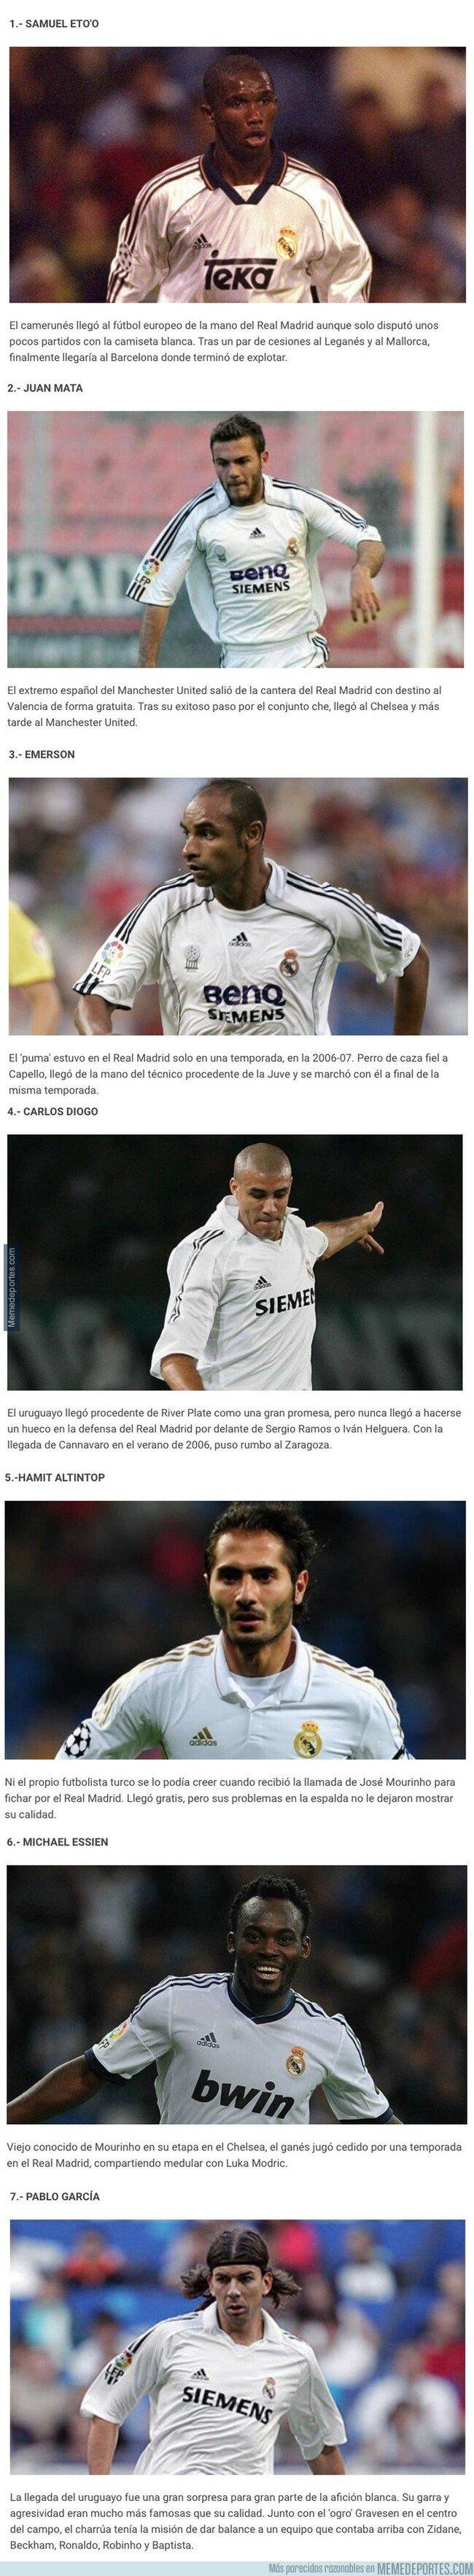 1091643 - 7 jugadores que vistieron la camiseta del Real Madrid y preferirías no haber recordado